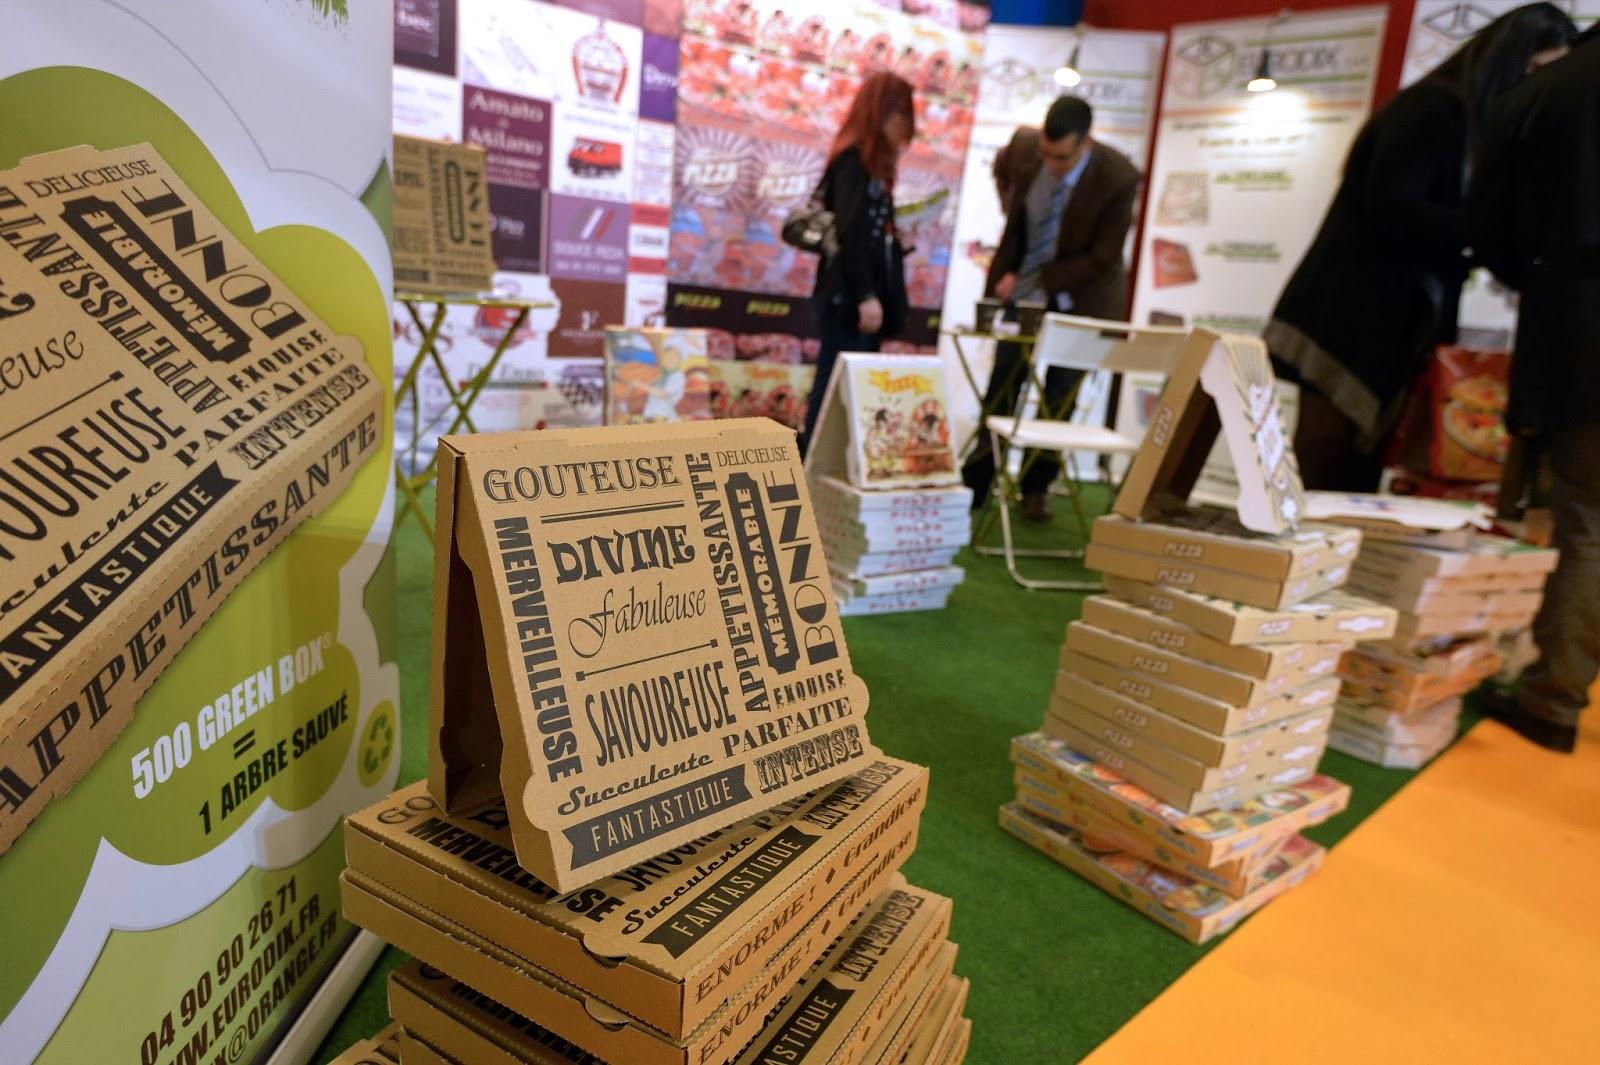 Sandwich, Snack, Show, Food, Paris, Worldwide, Pizza, Economy, Business, Offbeat, News,